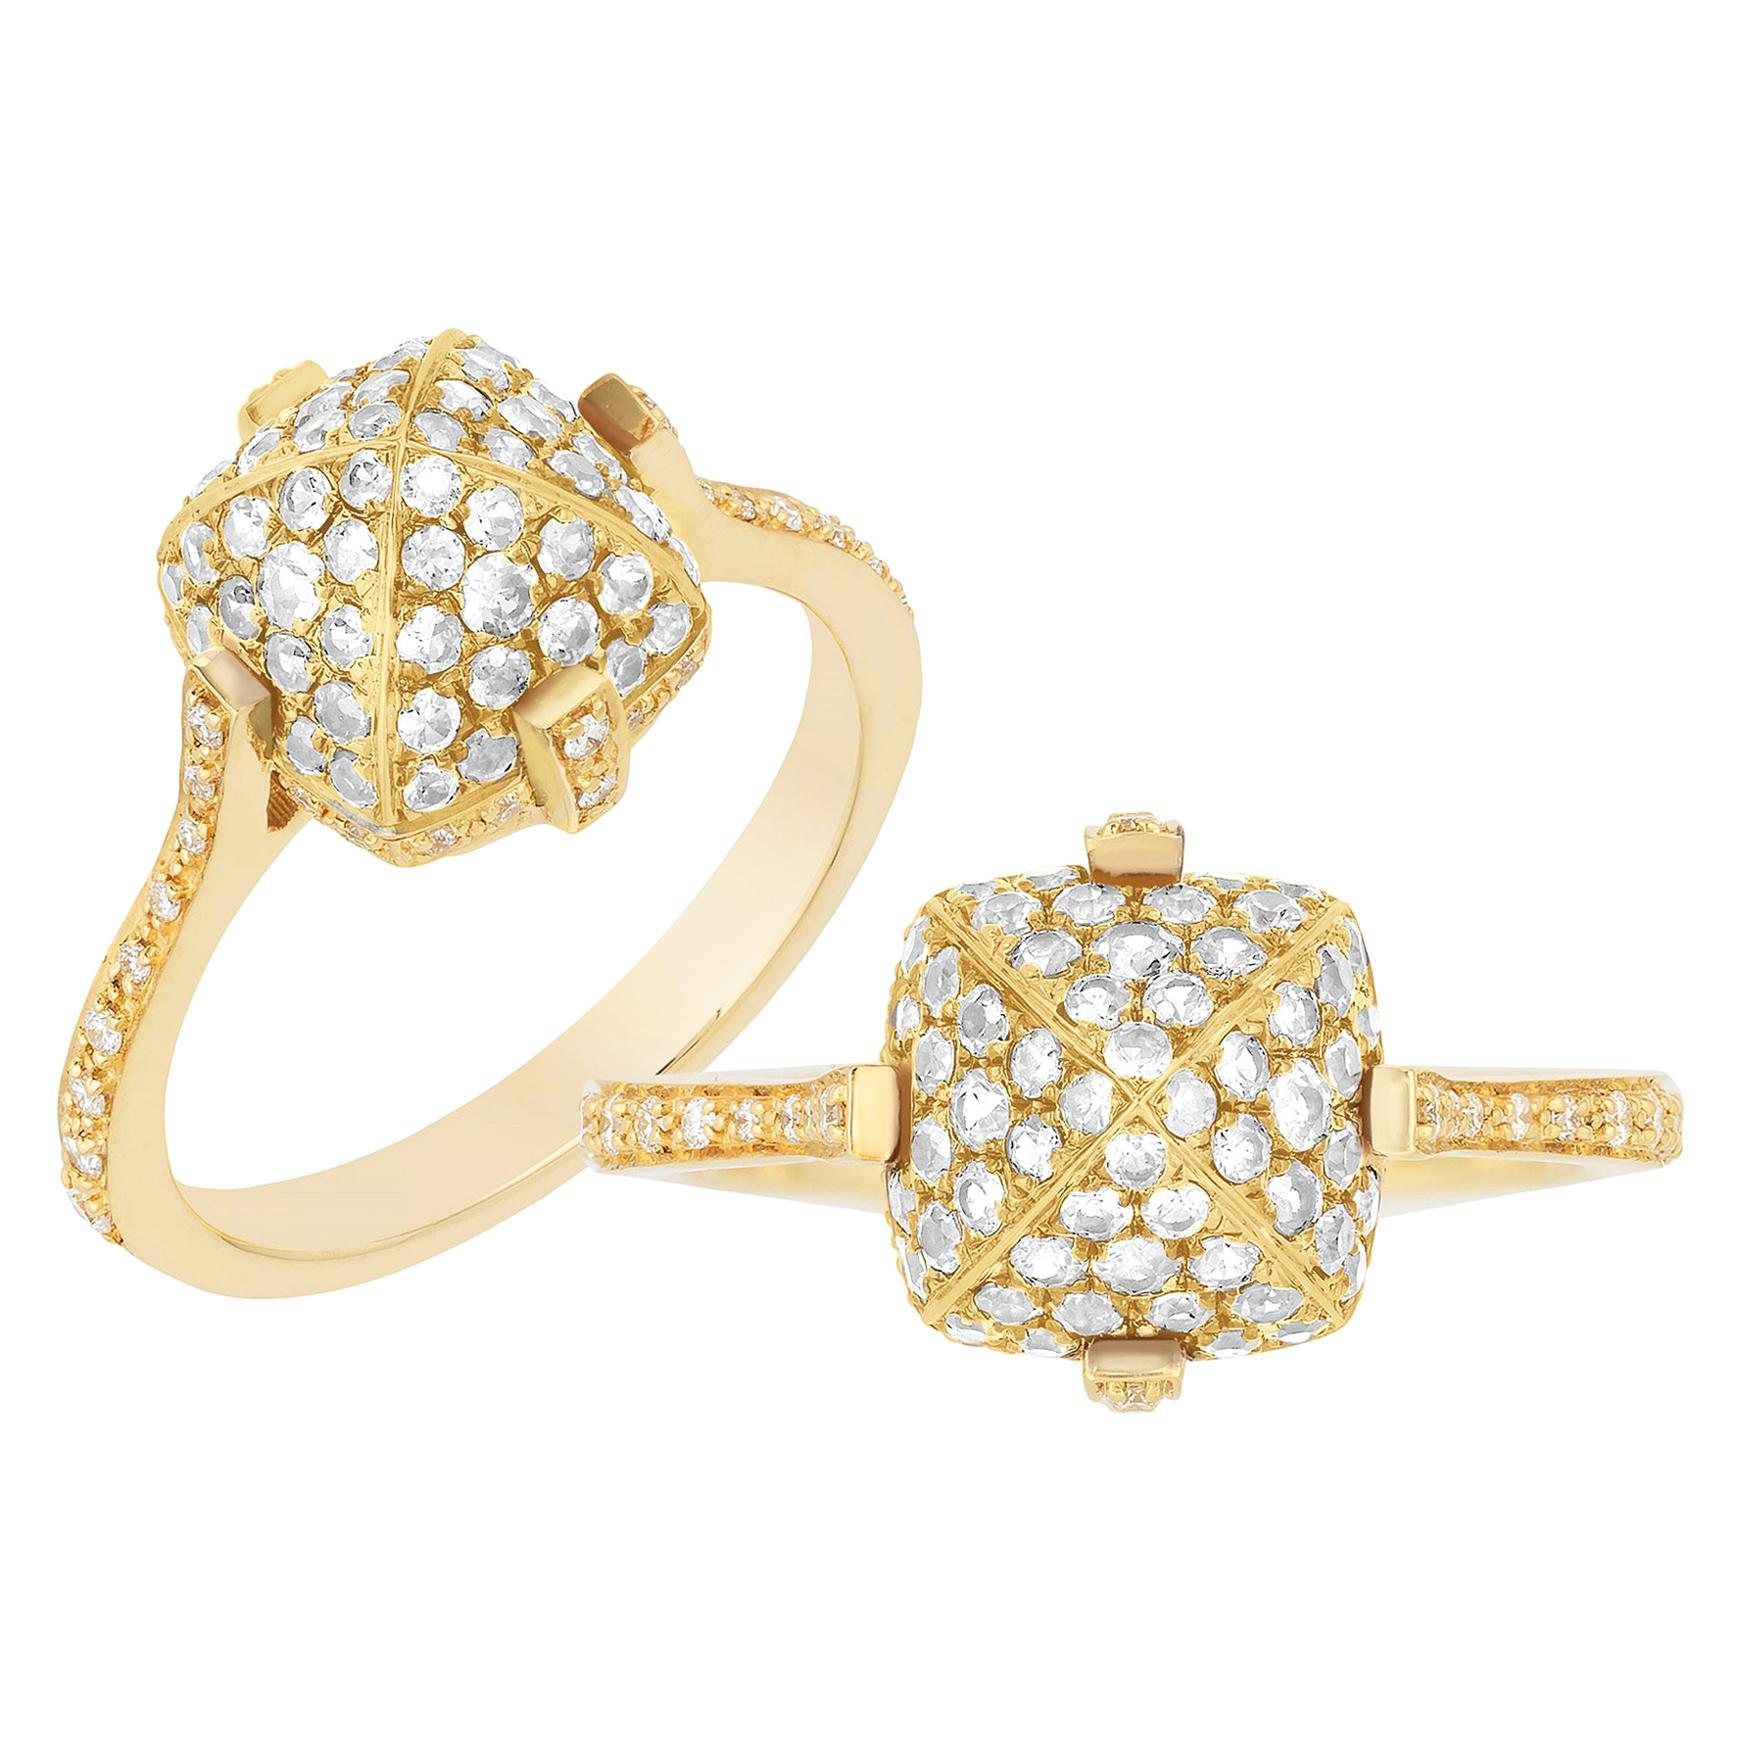 Goshwara Sugar Loaf Diamond Ring